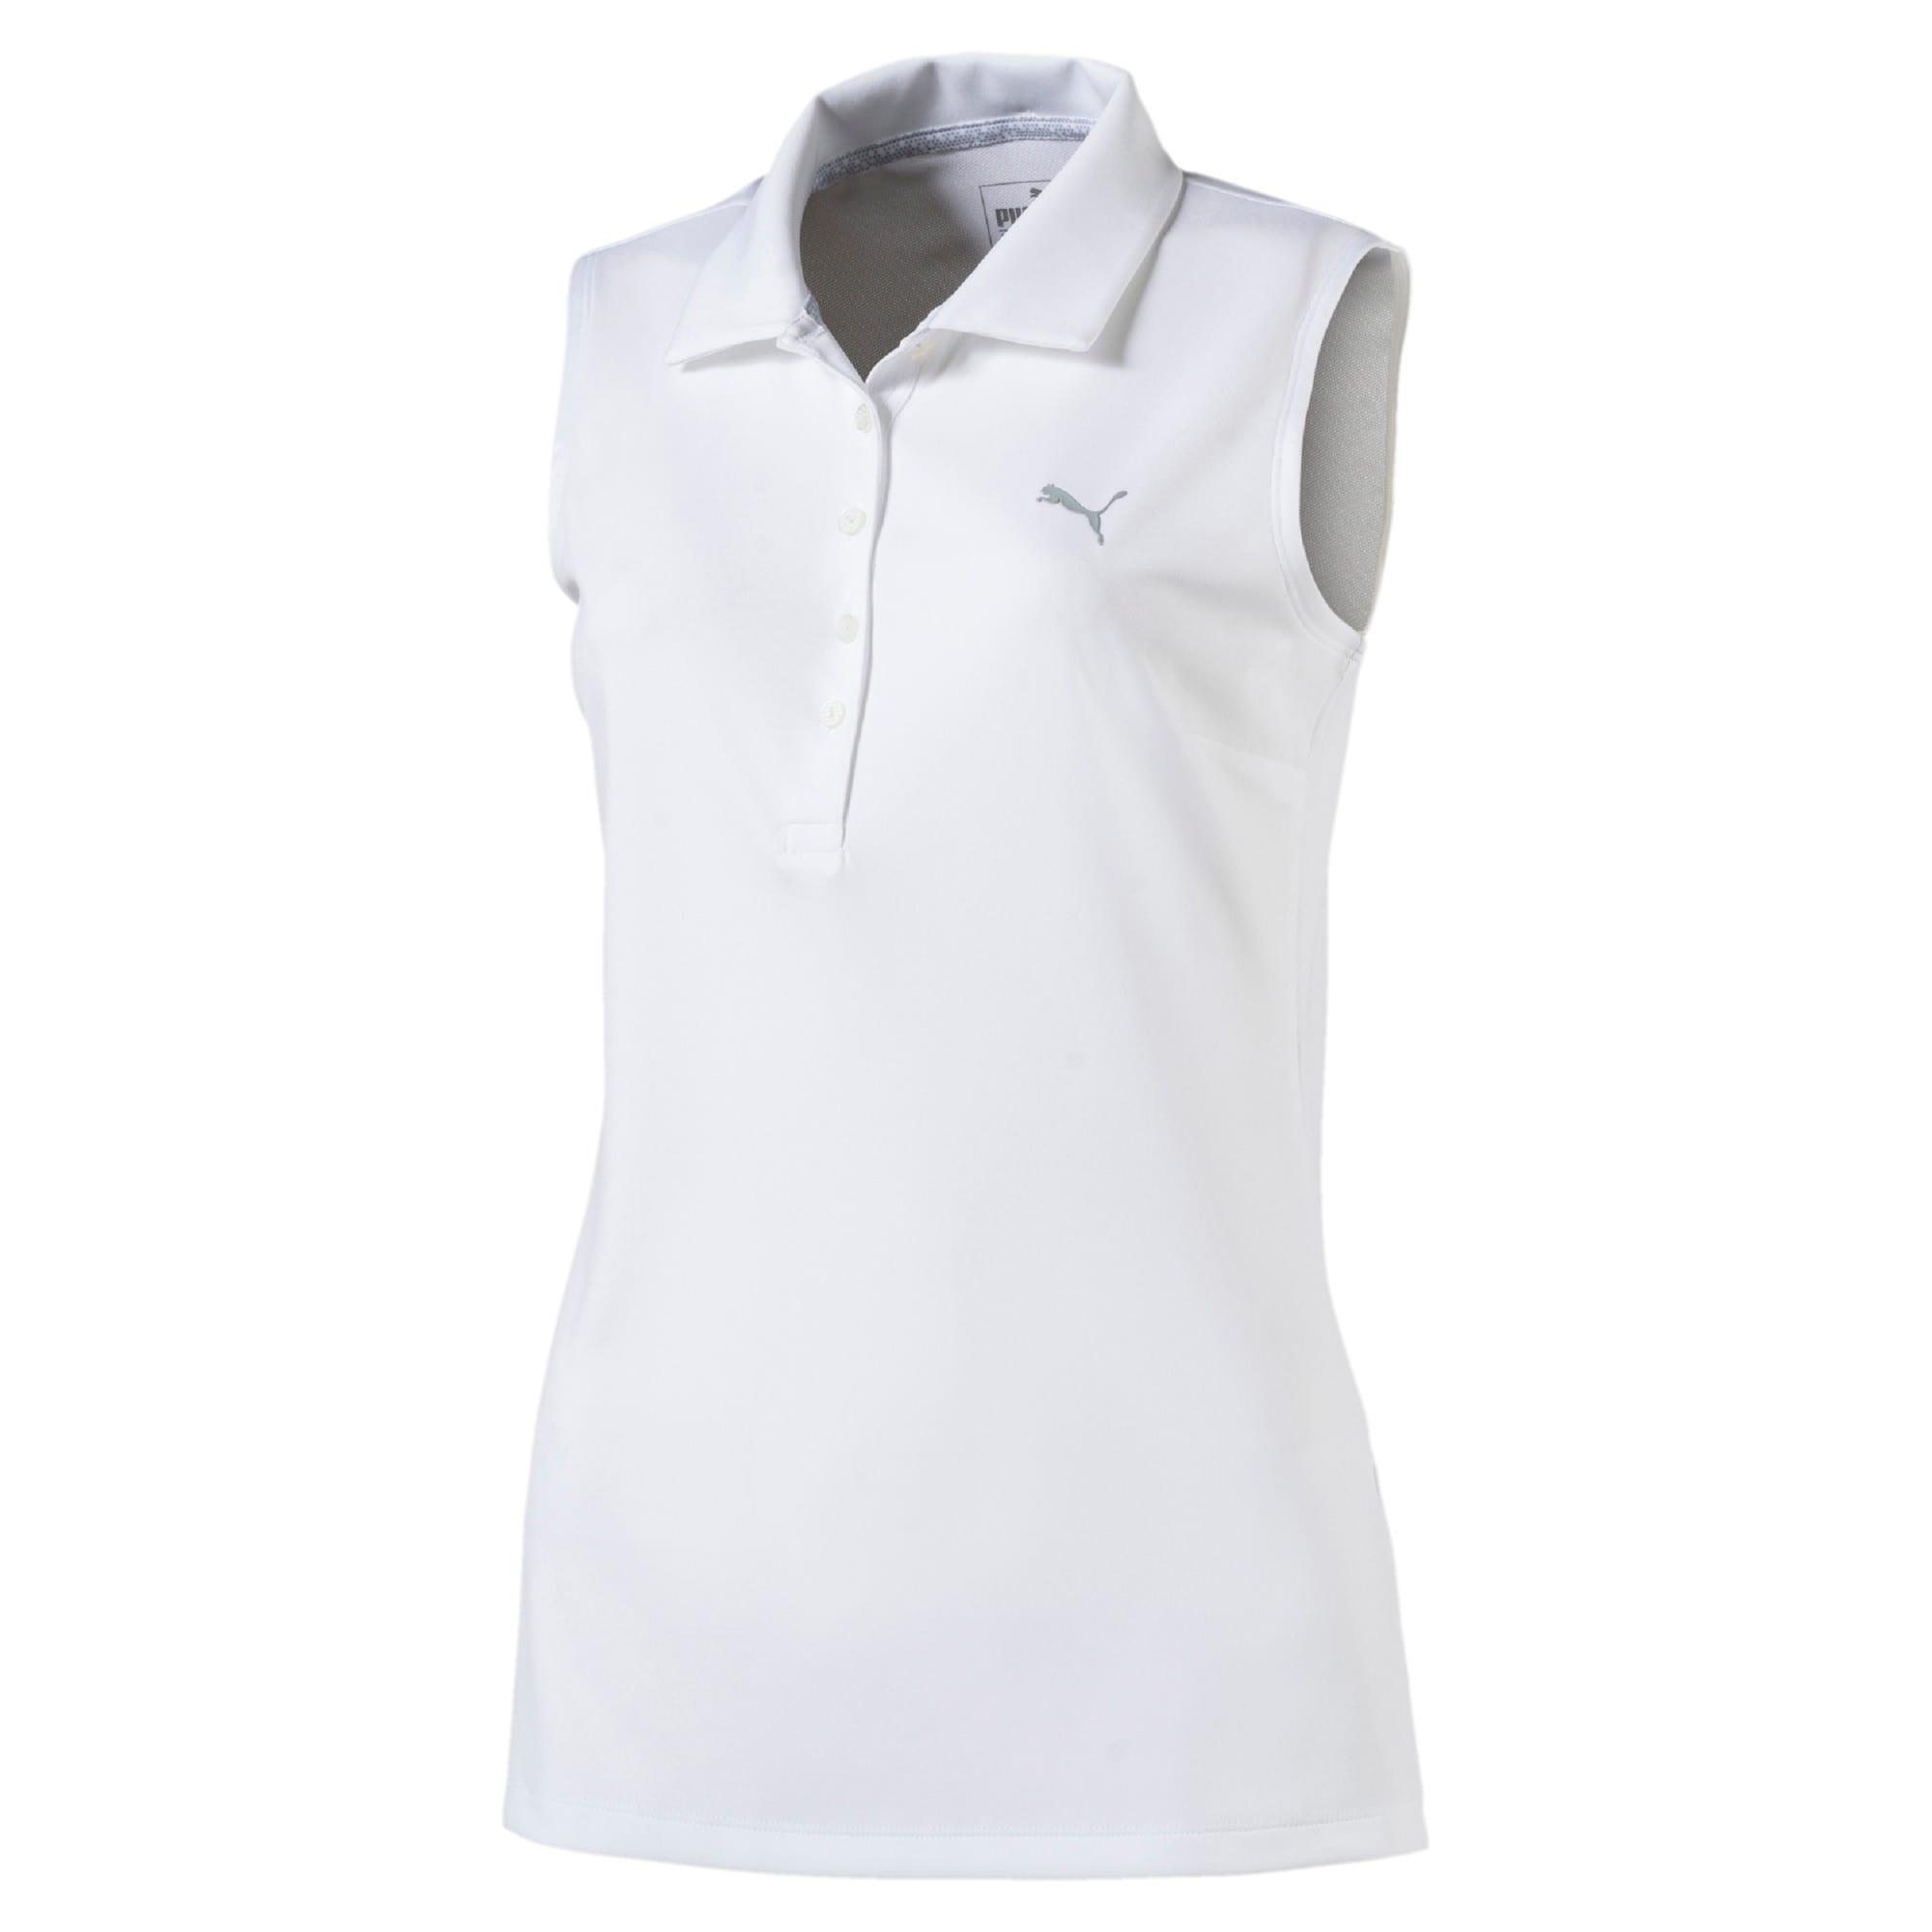 Thumbnail 4 of Golf Women's Pounce Sleeveless Polo, Bright White, medium